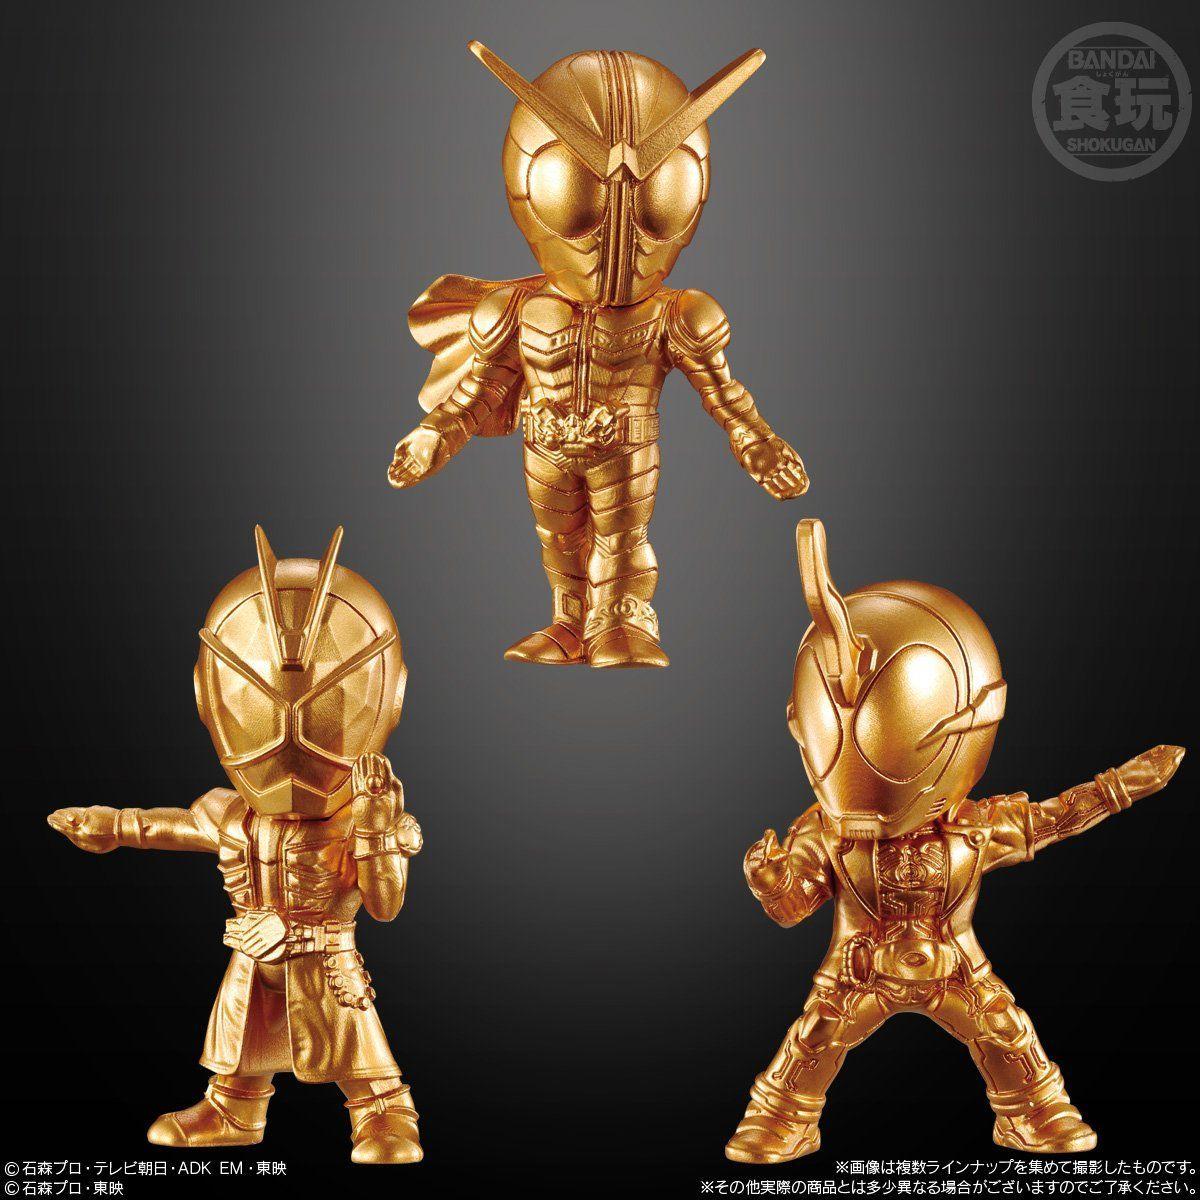 【食玩】『仮面ライダーゴールドフィギュア02』16個入りBOX-007